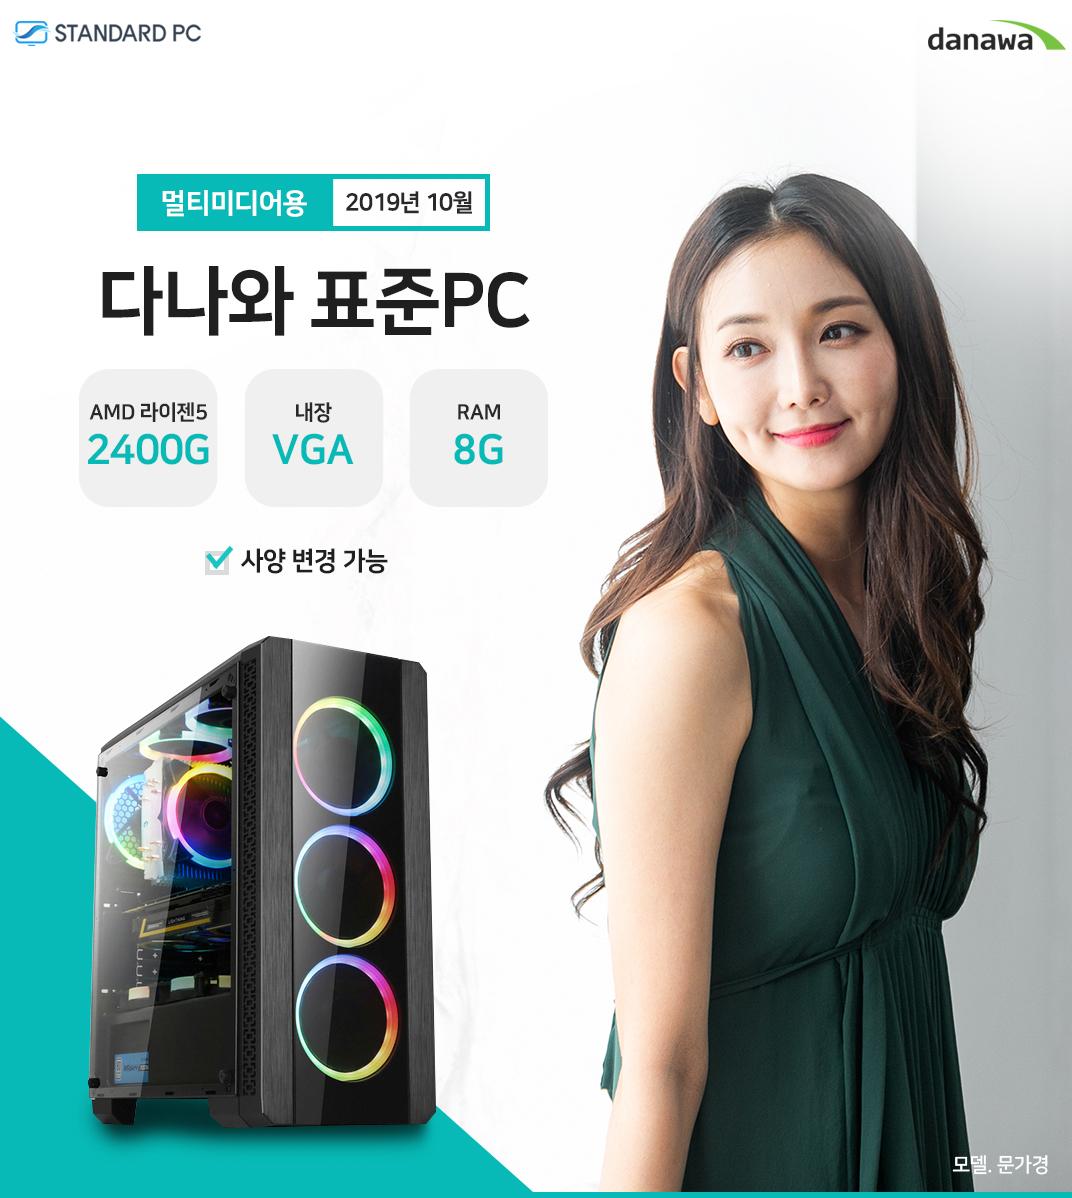 2019년 10월 다나와 멀티미디어용 AMD 라이젠 5 2400G 내장 VGA RAM 8G 모델 문가경